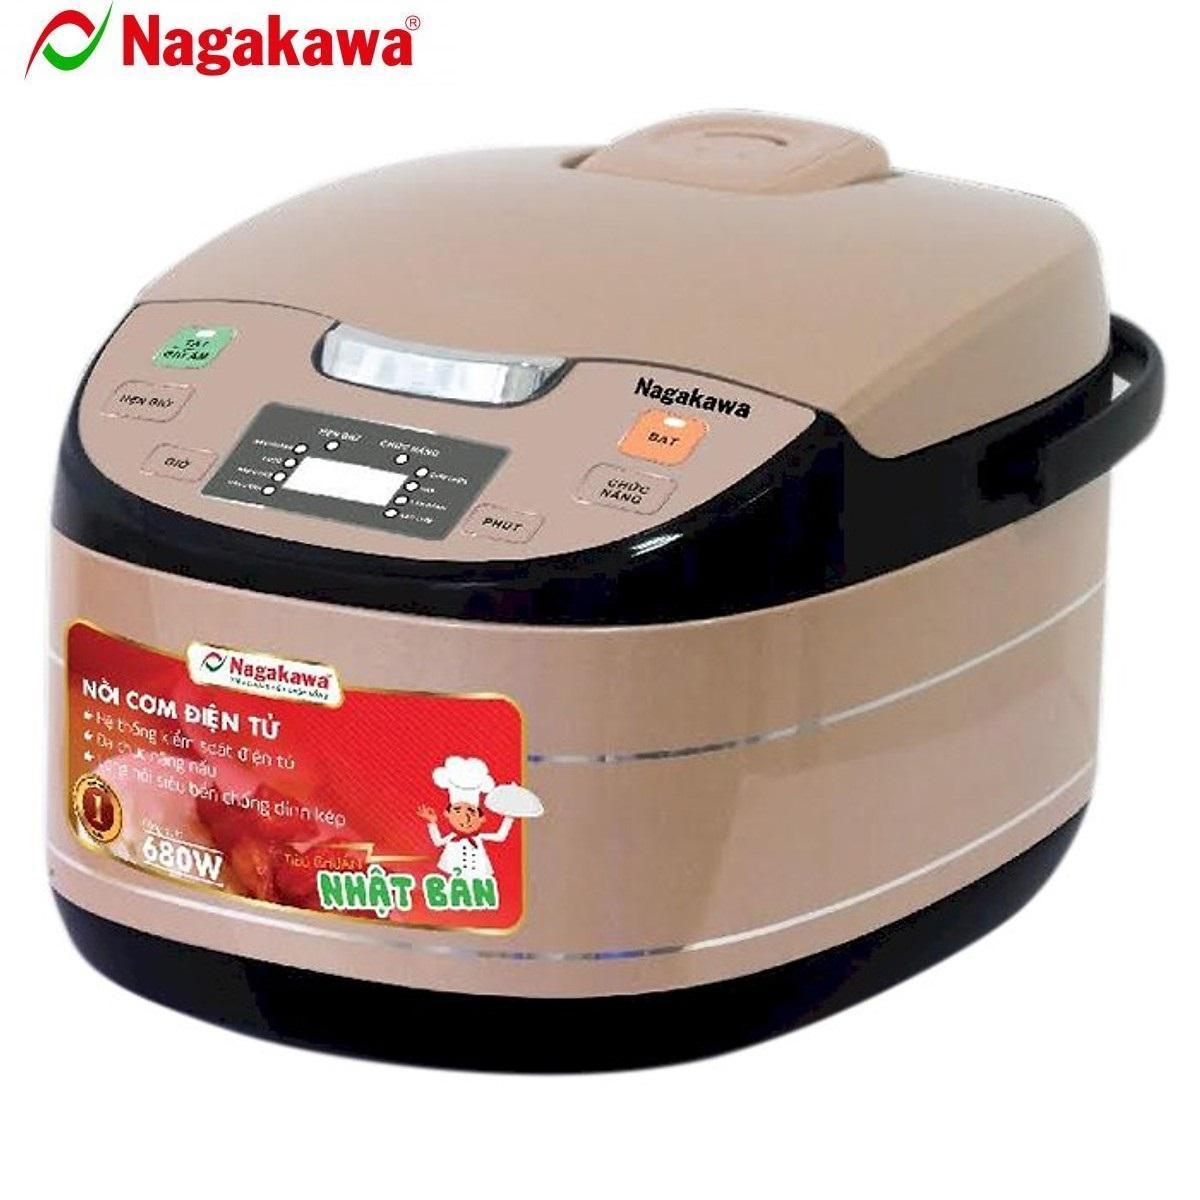 Nồi Cơm Điện Tử Nagakawa NAG0103 (1.8 Lít) - Nâu